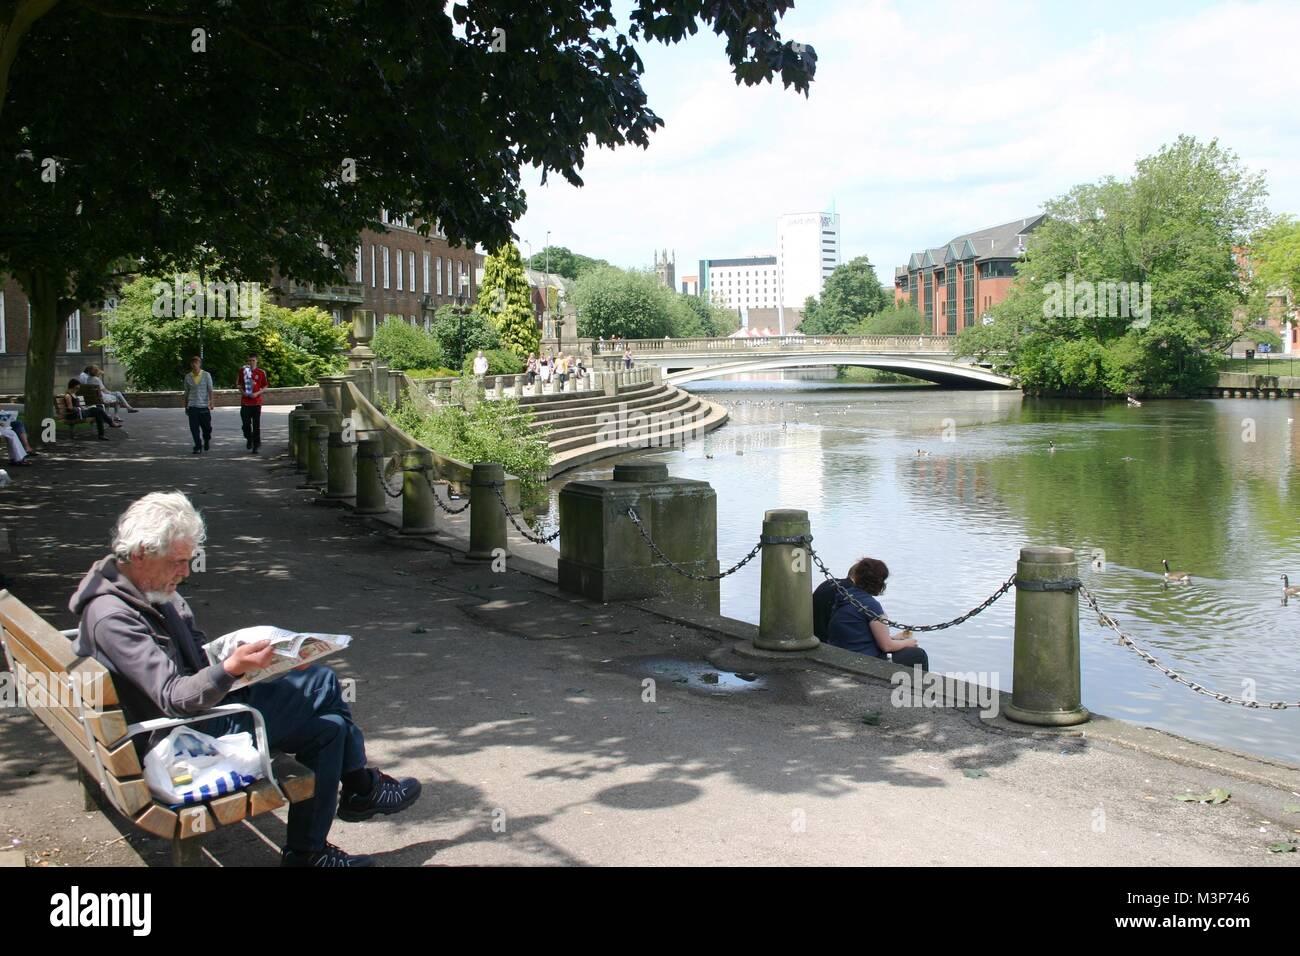 River Derwent, Derby, derbyshire - Stock Image